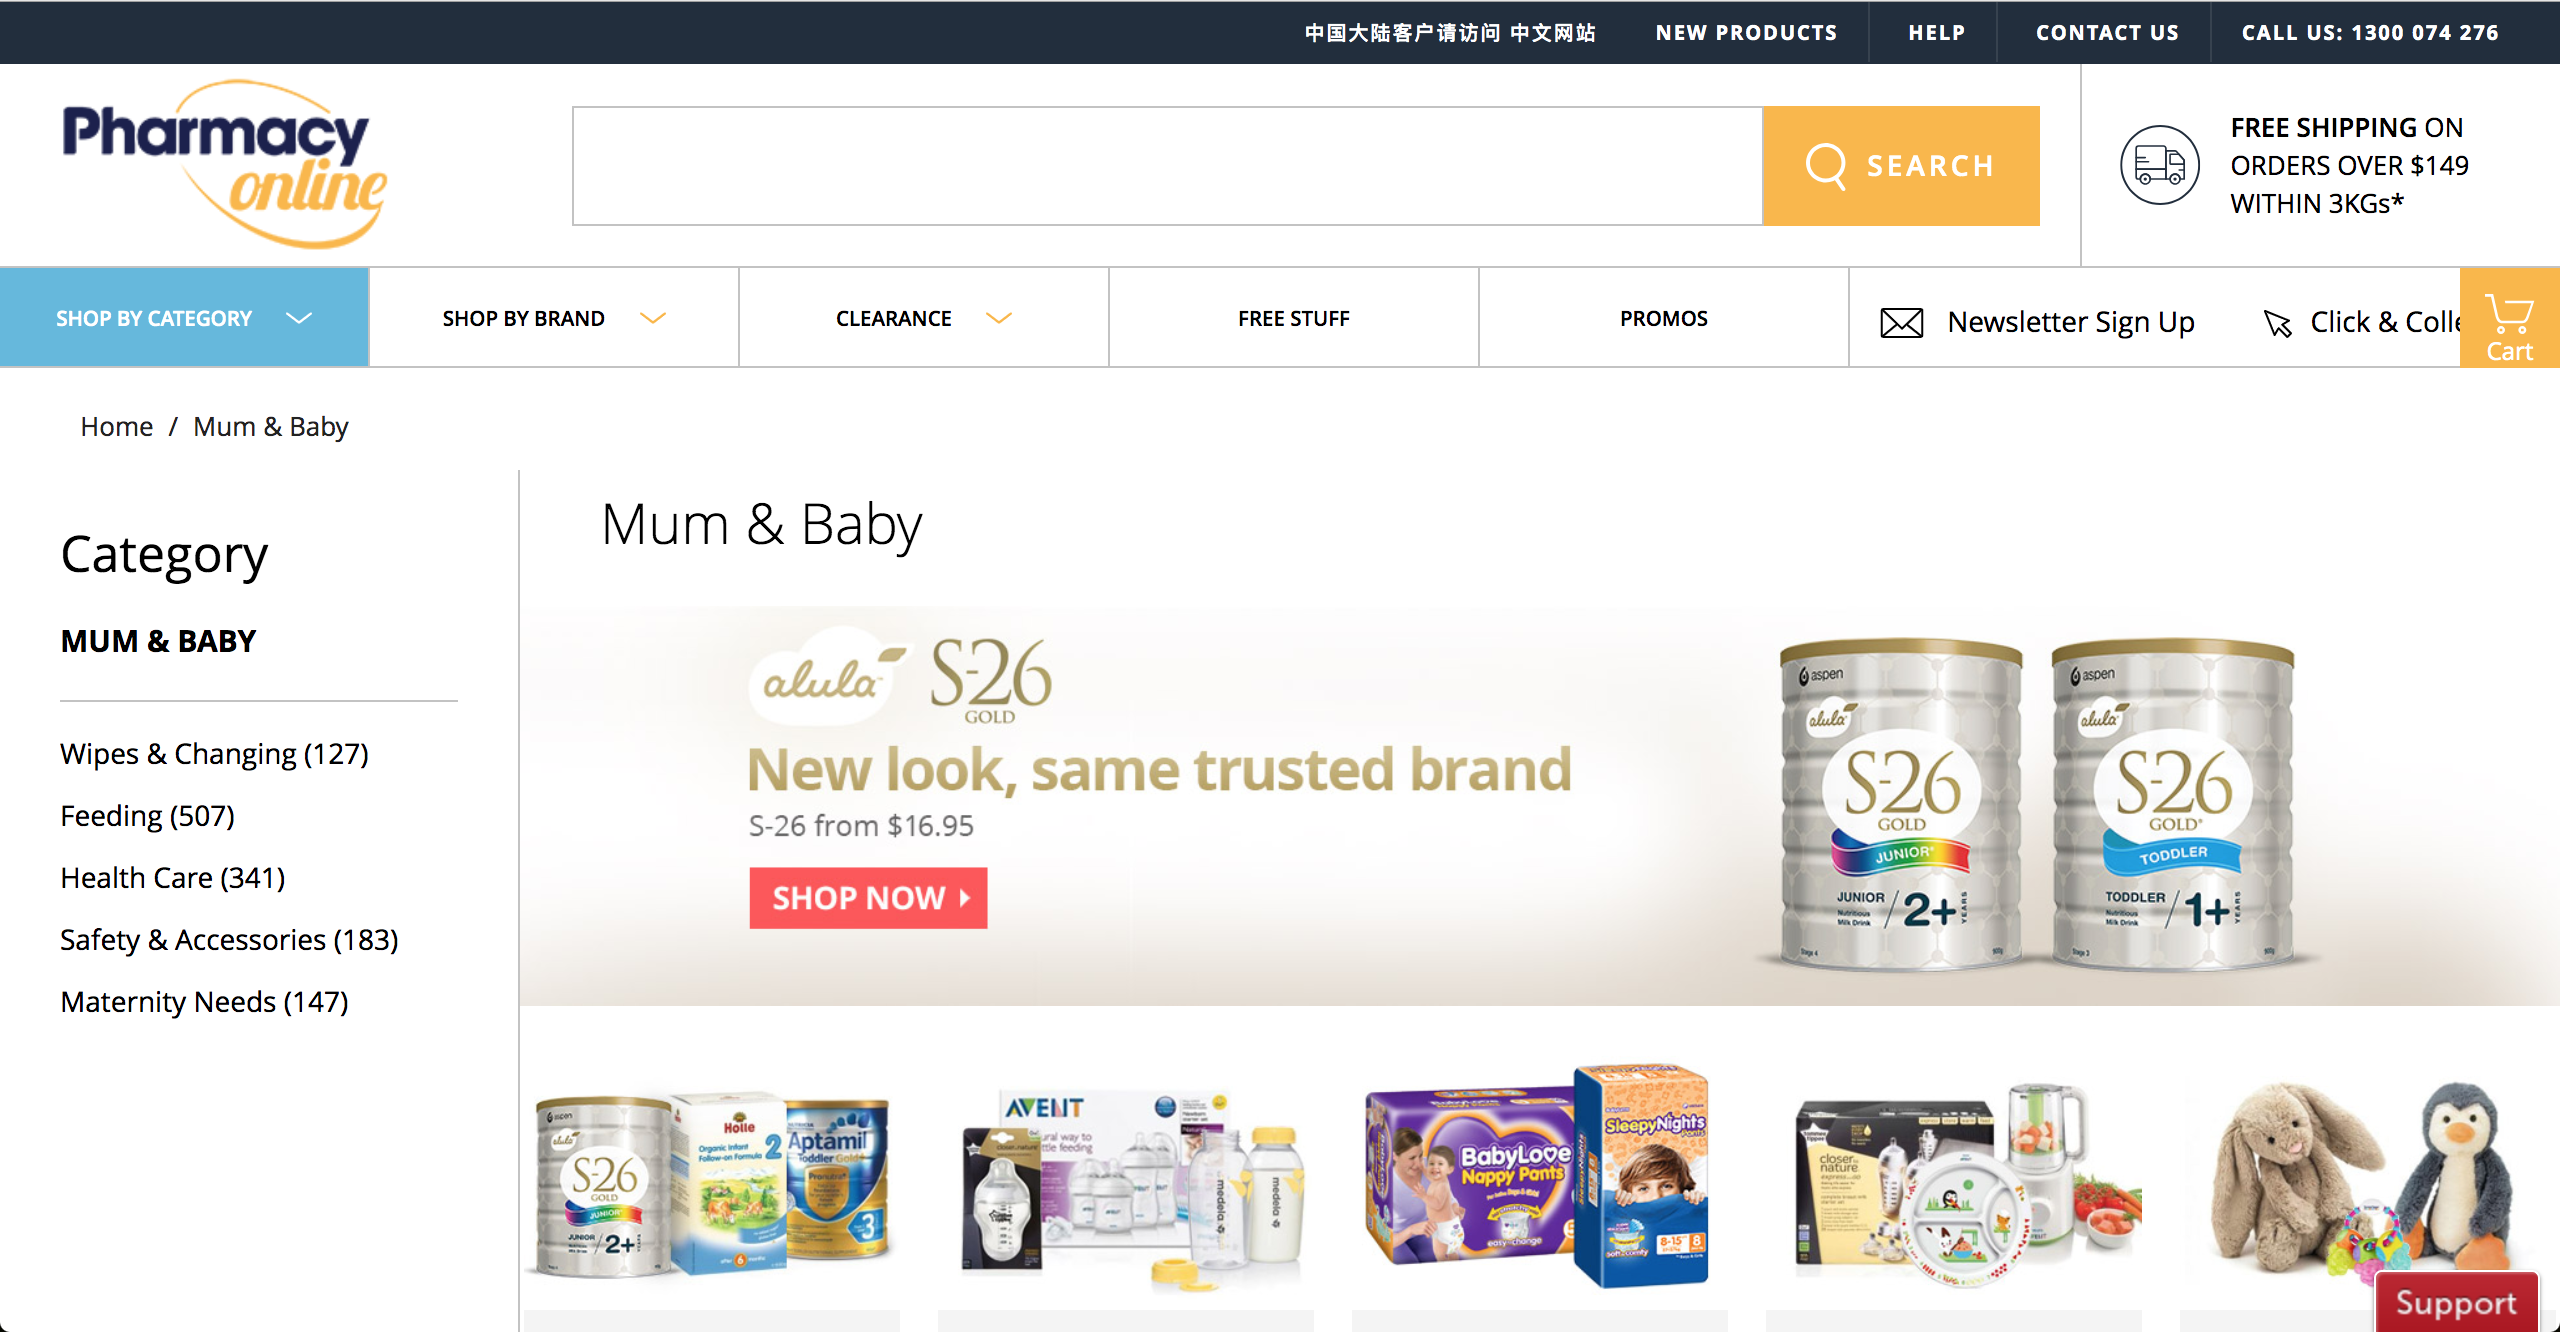 Pharmacy Online mum & baby